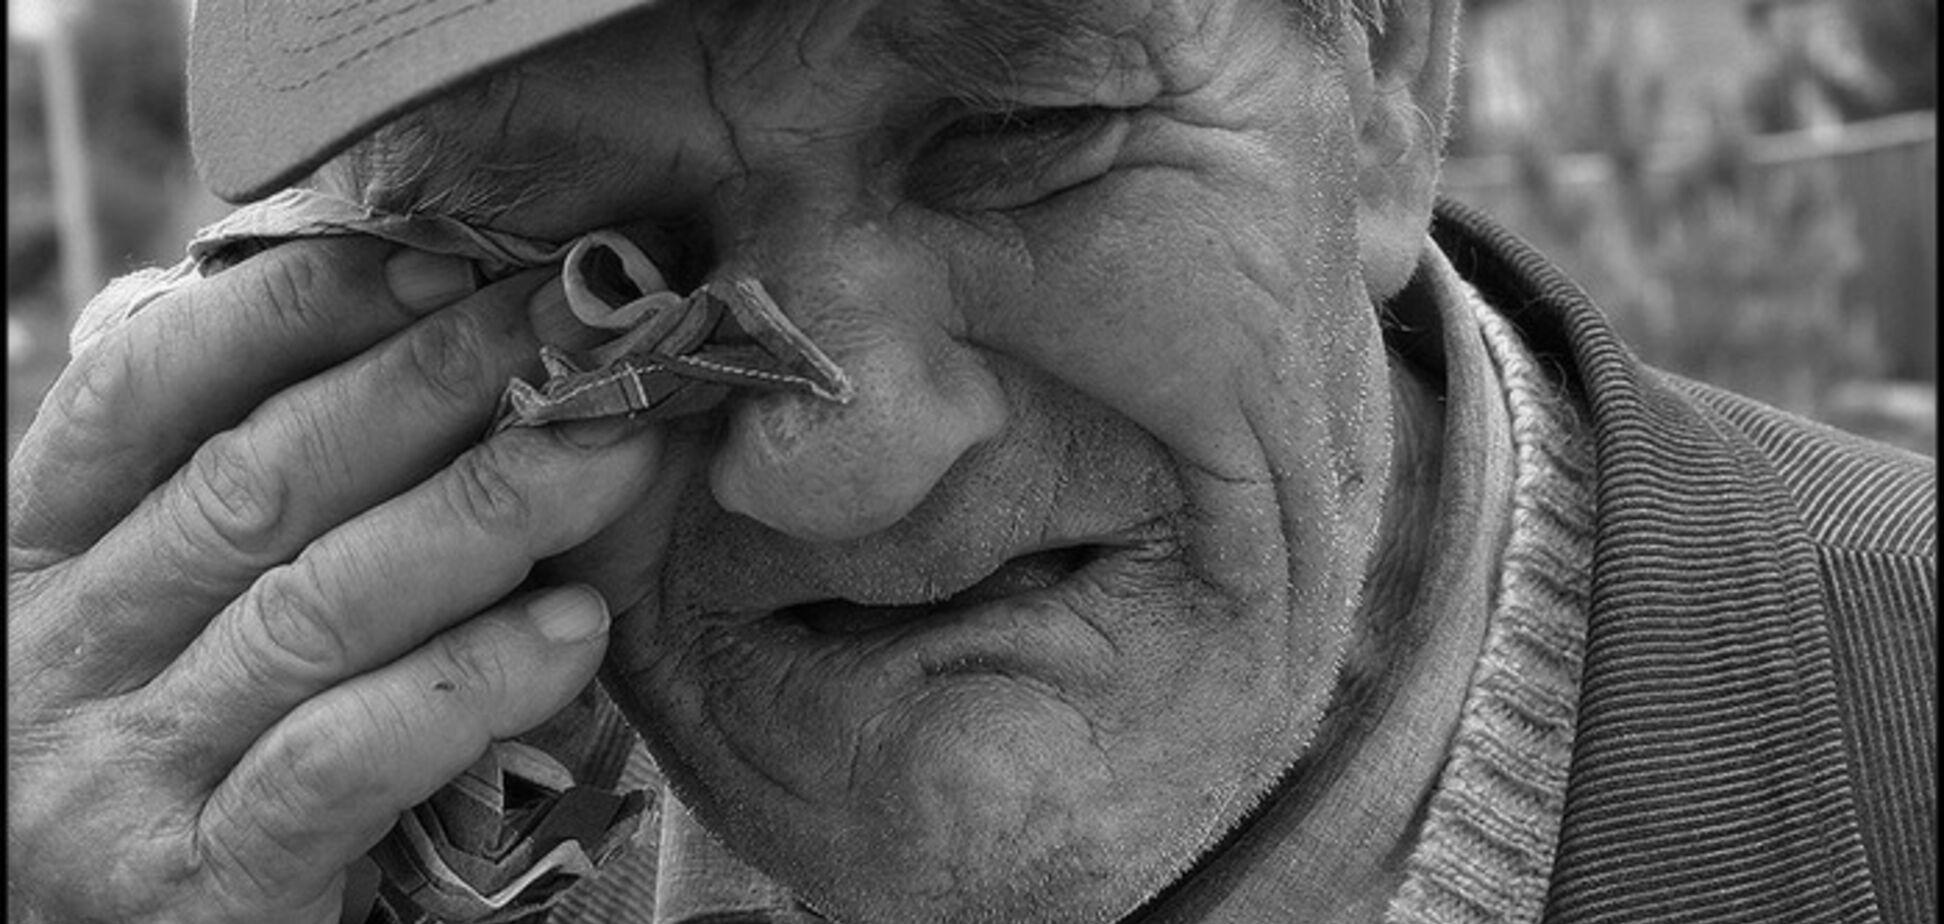 Дедушку ограбили. Источник: Novosti